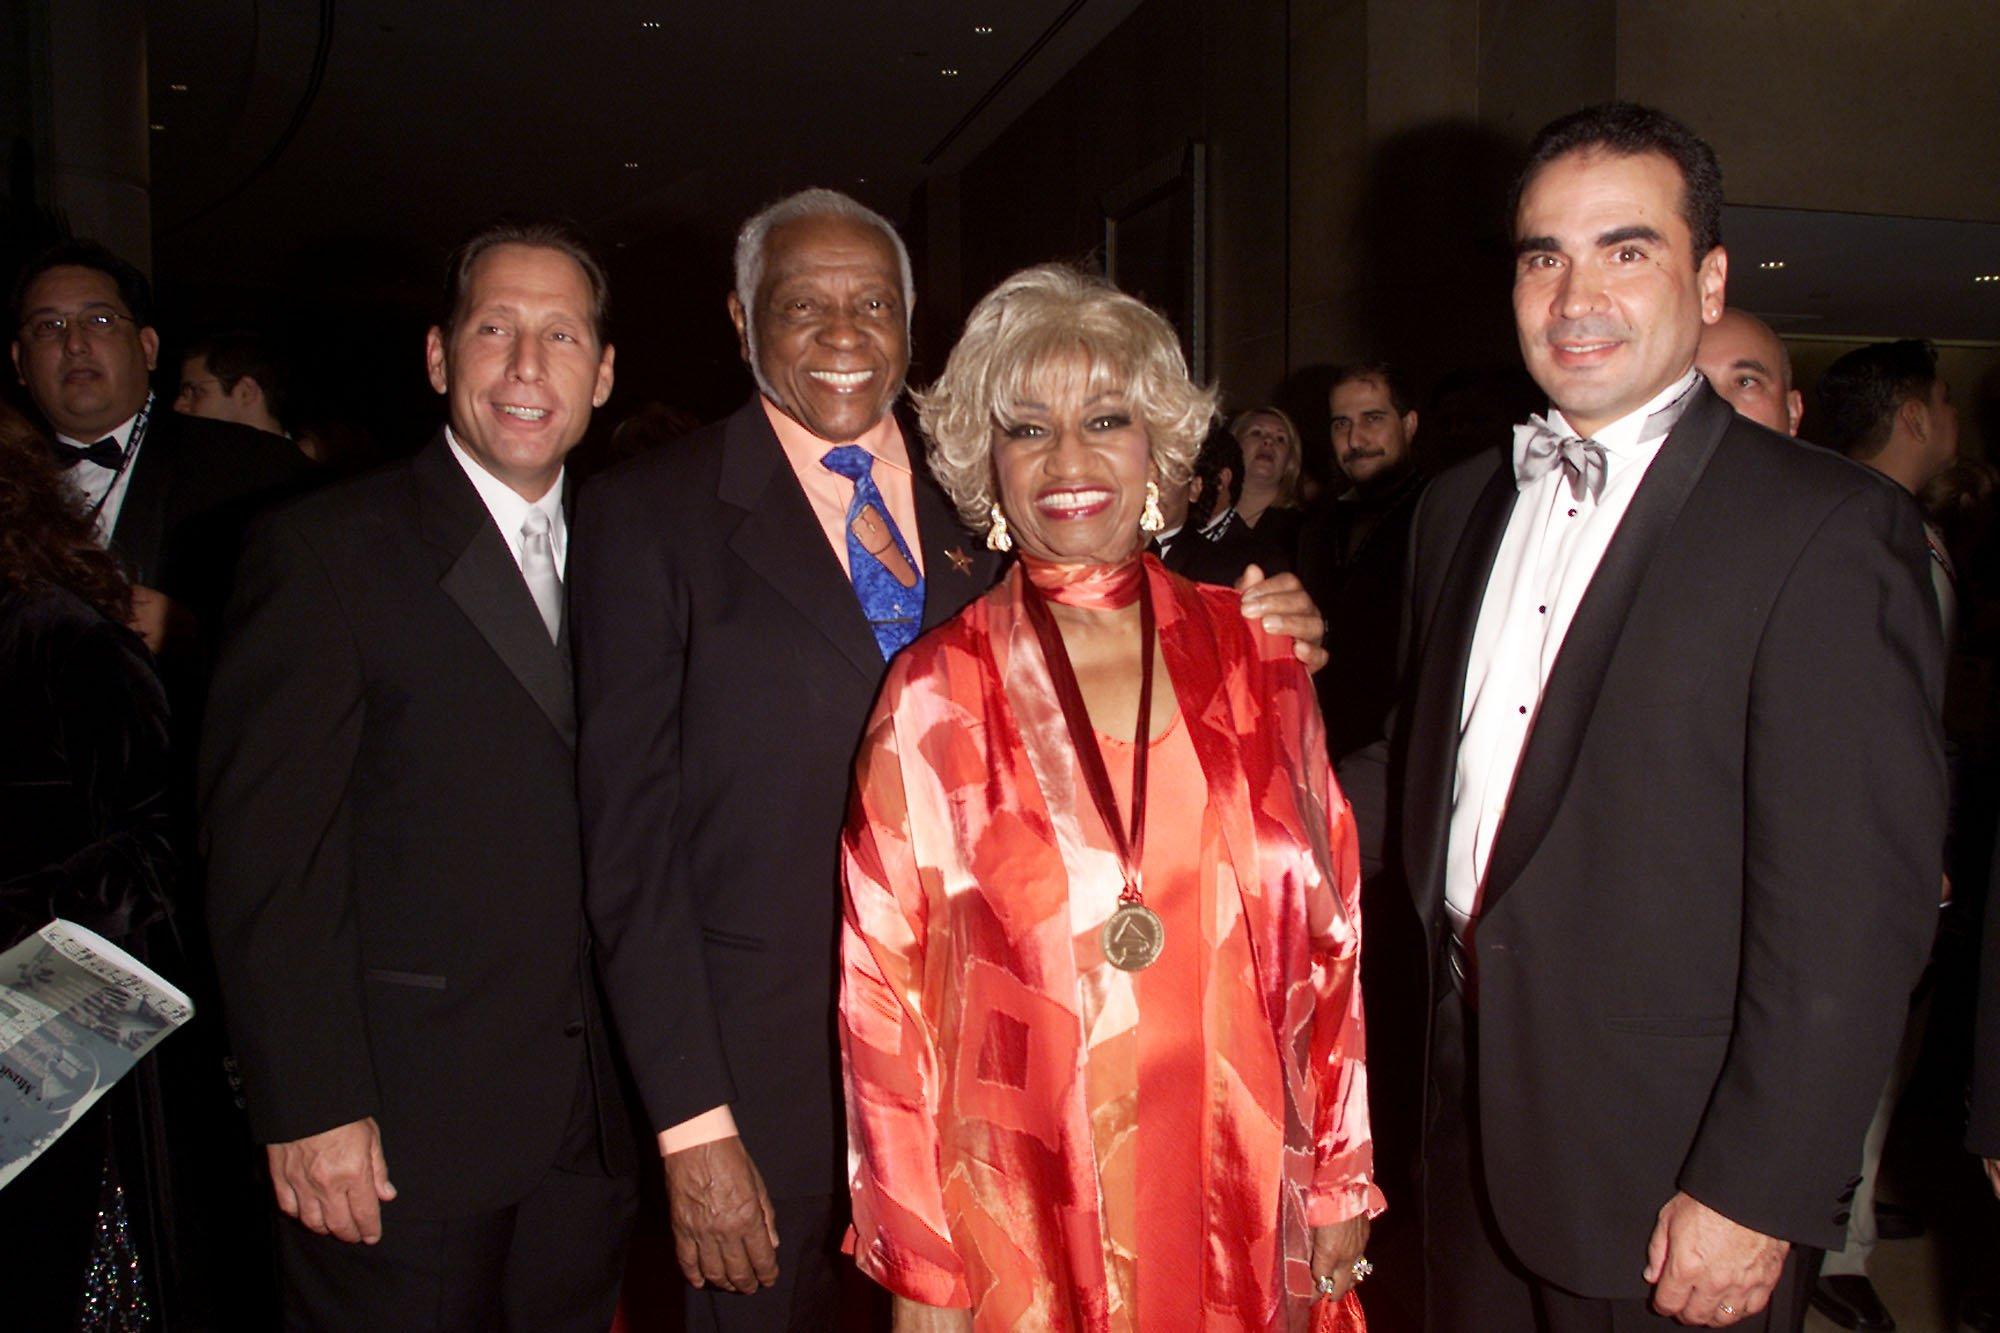 Celia Cruz y su marido Pedro Knight en el Tributo a la Persona del Año de la Academia Latina 2001 en honor a Julio Iglesias, en el Hotel Beverly Hilton de Los Ángeles, California, en septiembre de 2001 || Fuente: Getty Images